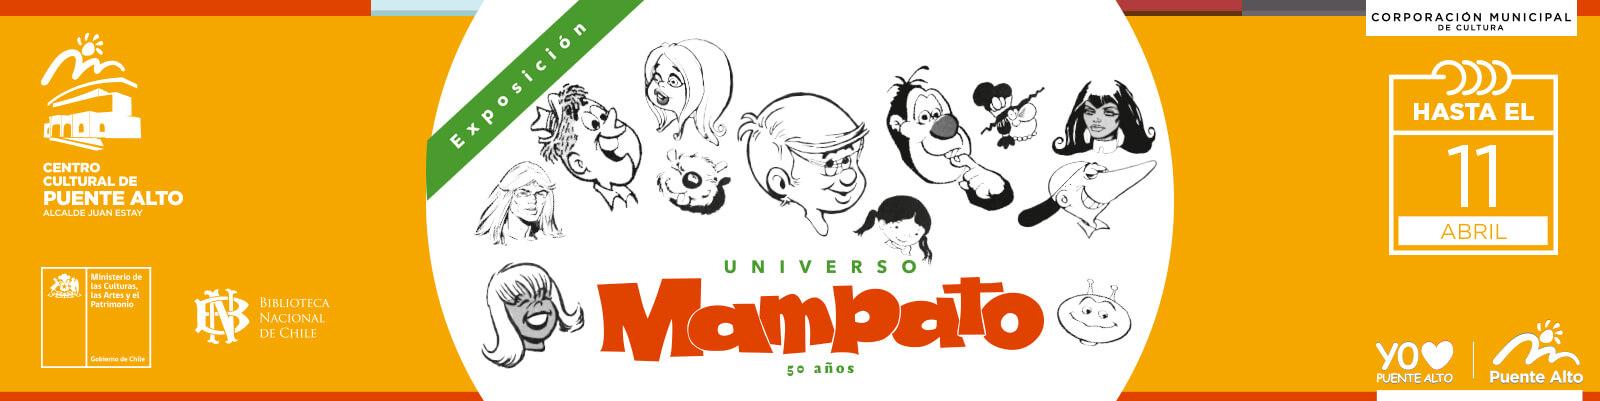 """Visita la Exposición """"Universo Mampato""""."""